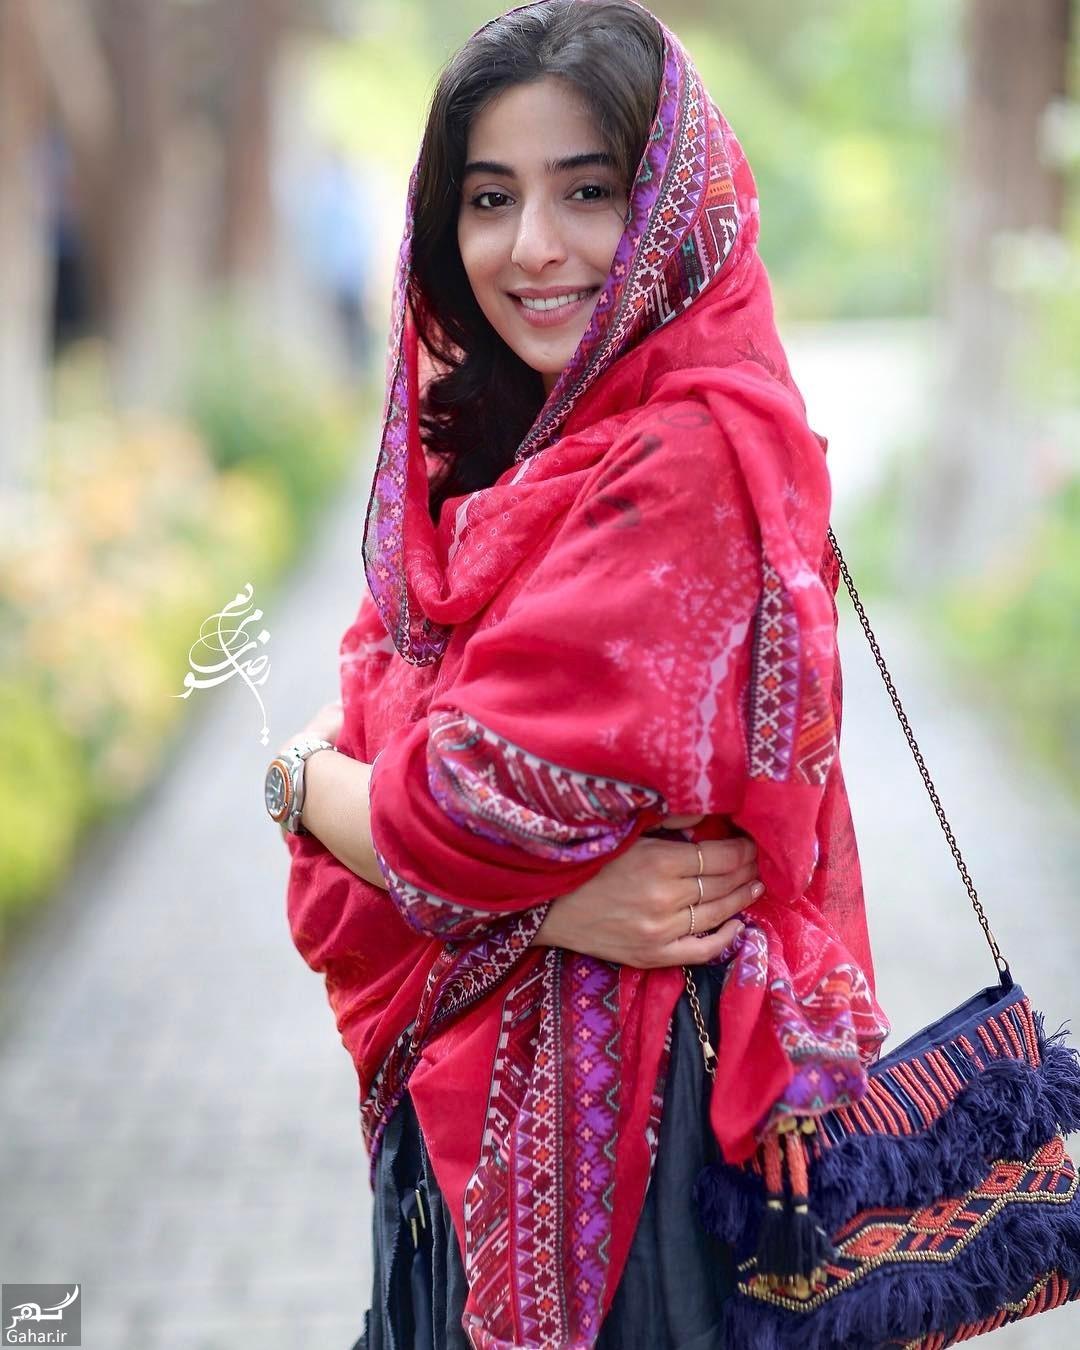 553389 Gahar ir عکس های آناهیتا افشار با لباس هندی در مراسم رونمایی از پوستر «ویلایی ها»